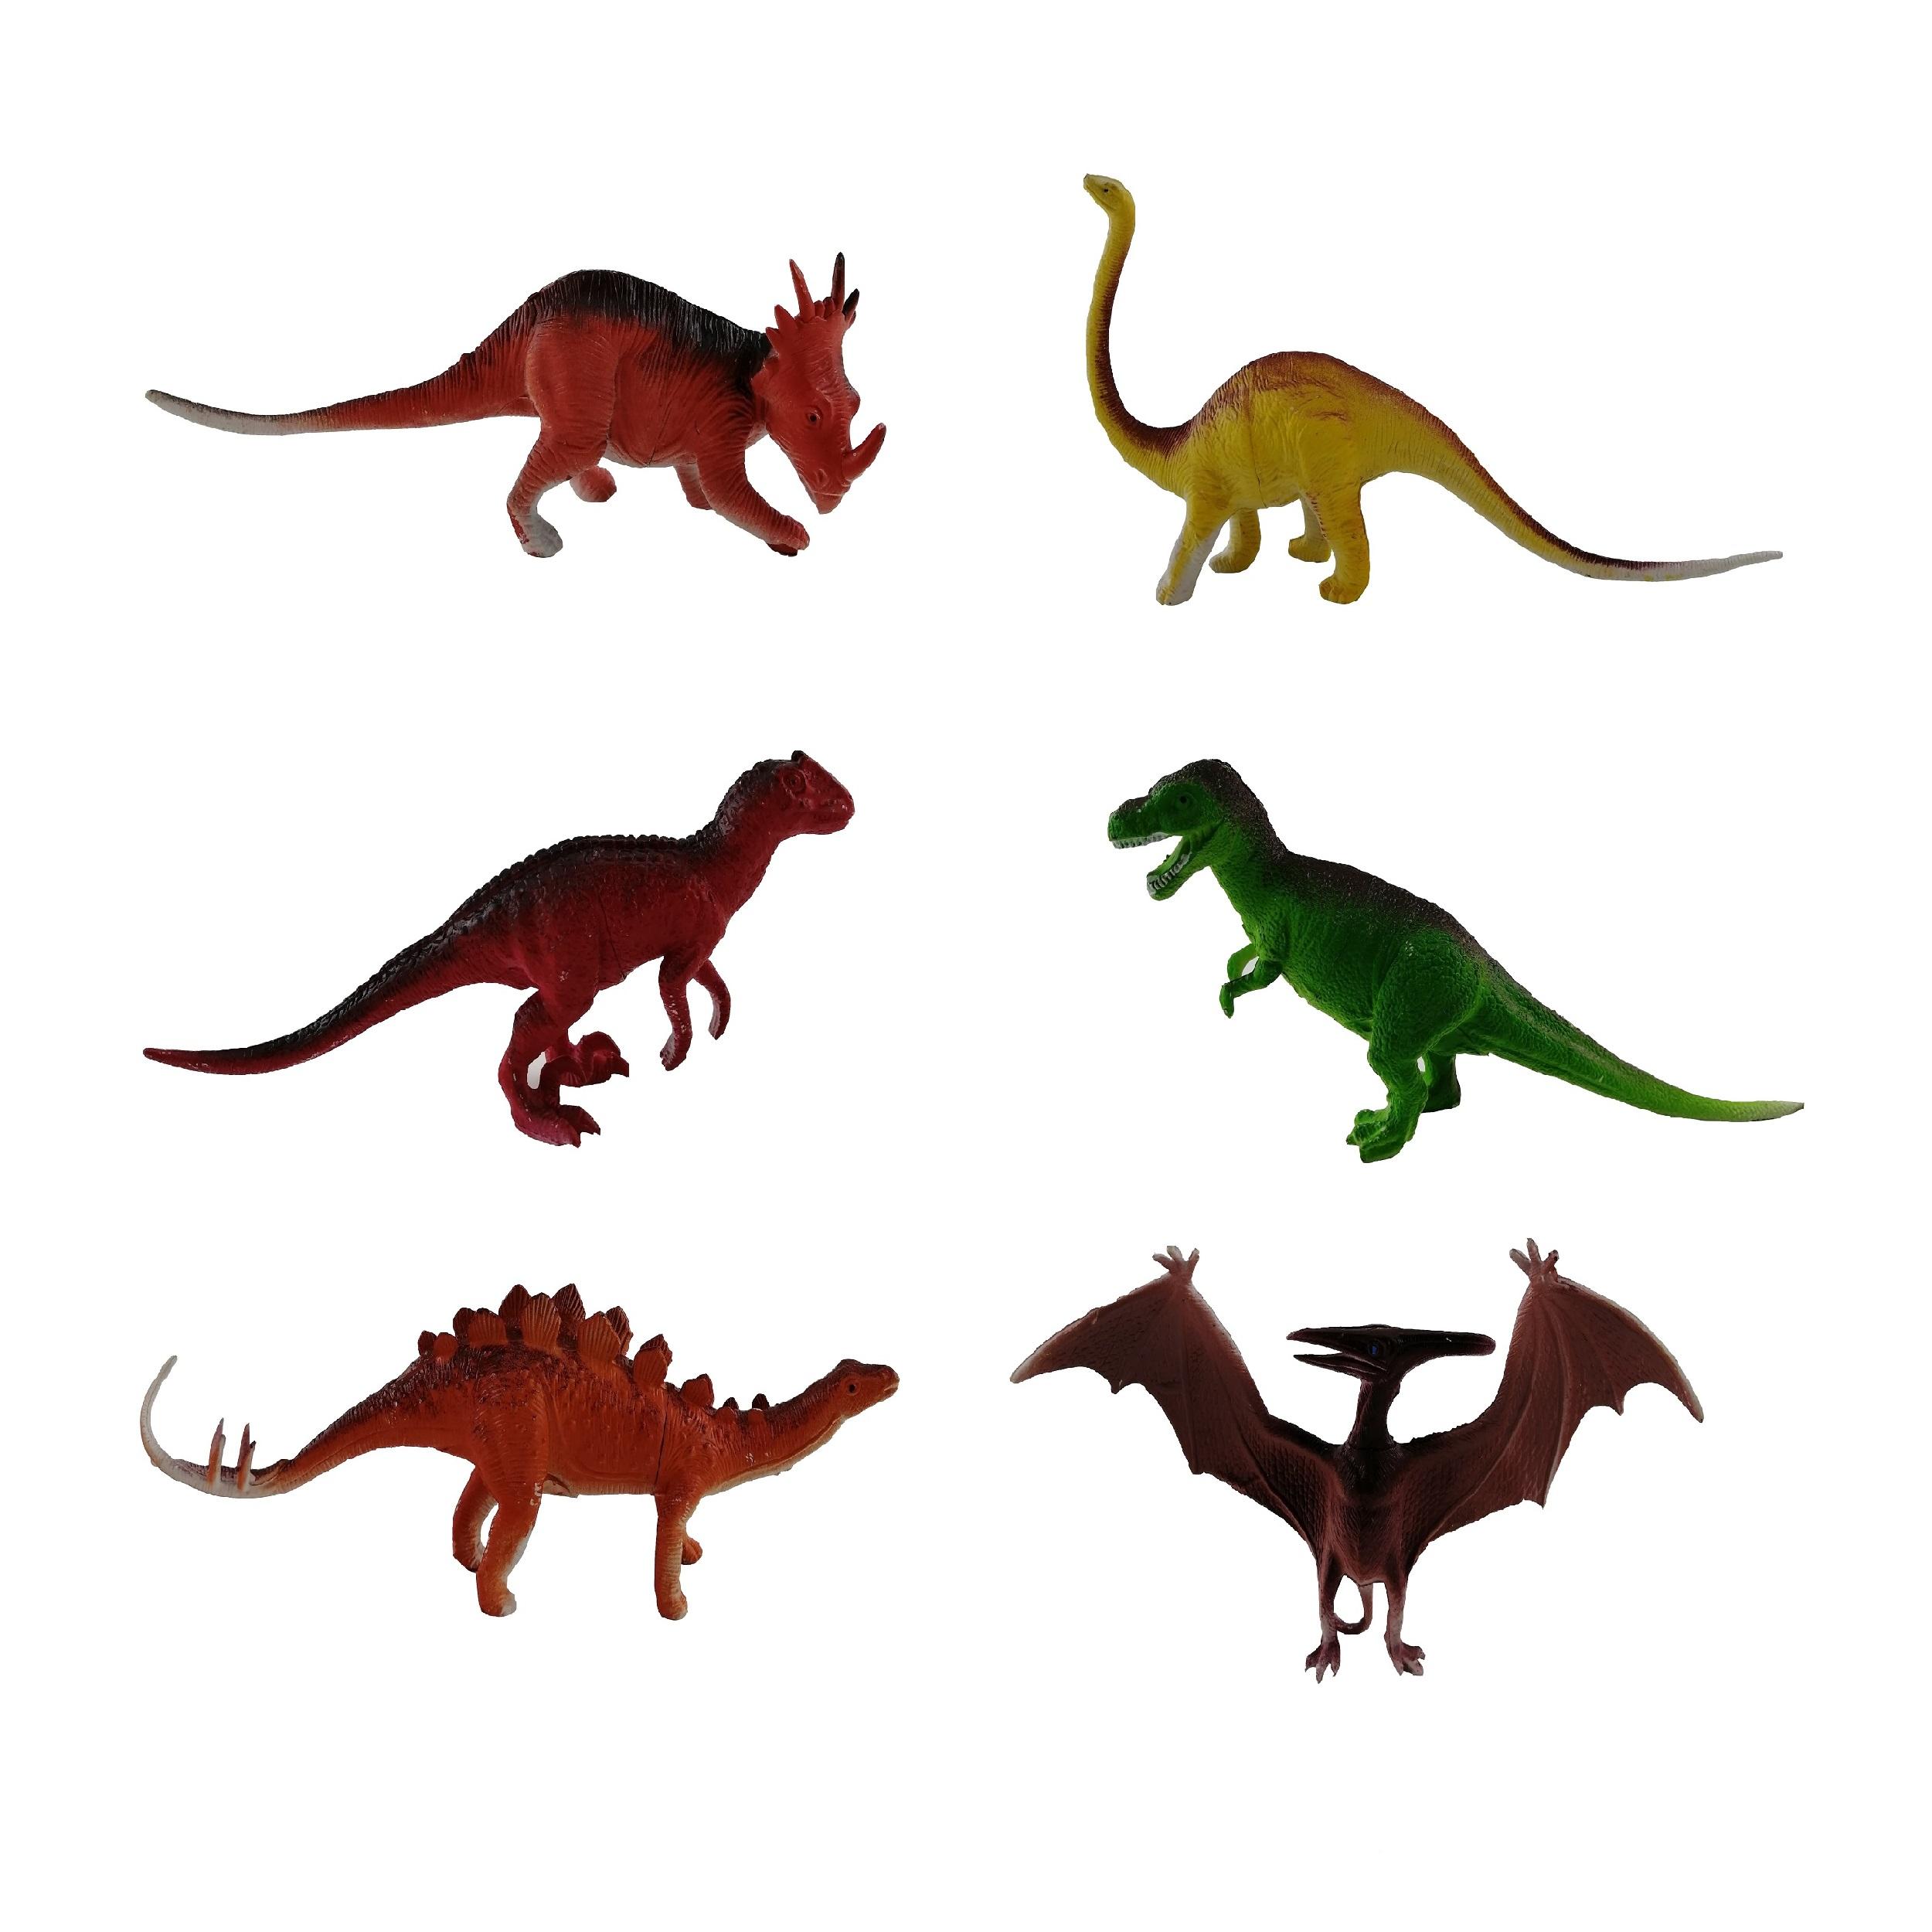 فیگور حیوانات مدل Animal Kingdom کد A3 مجموعه 6 عددی